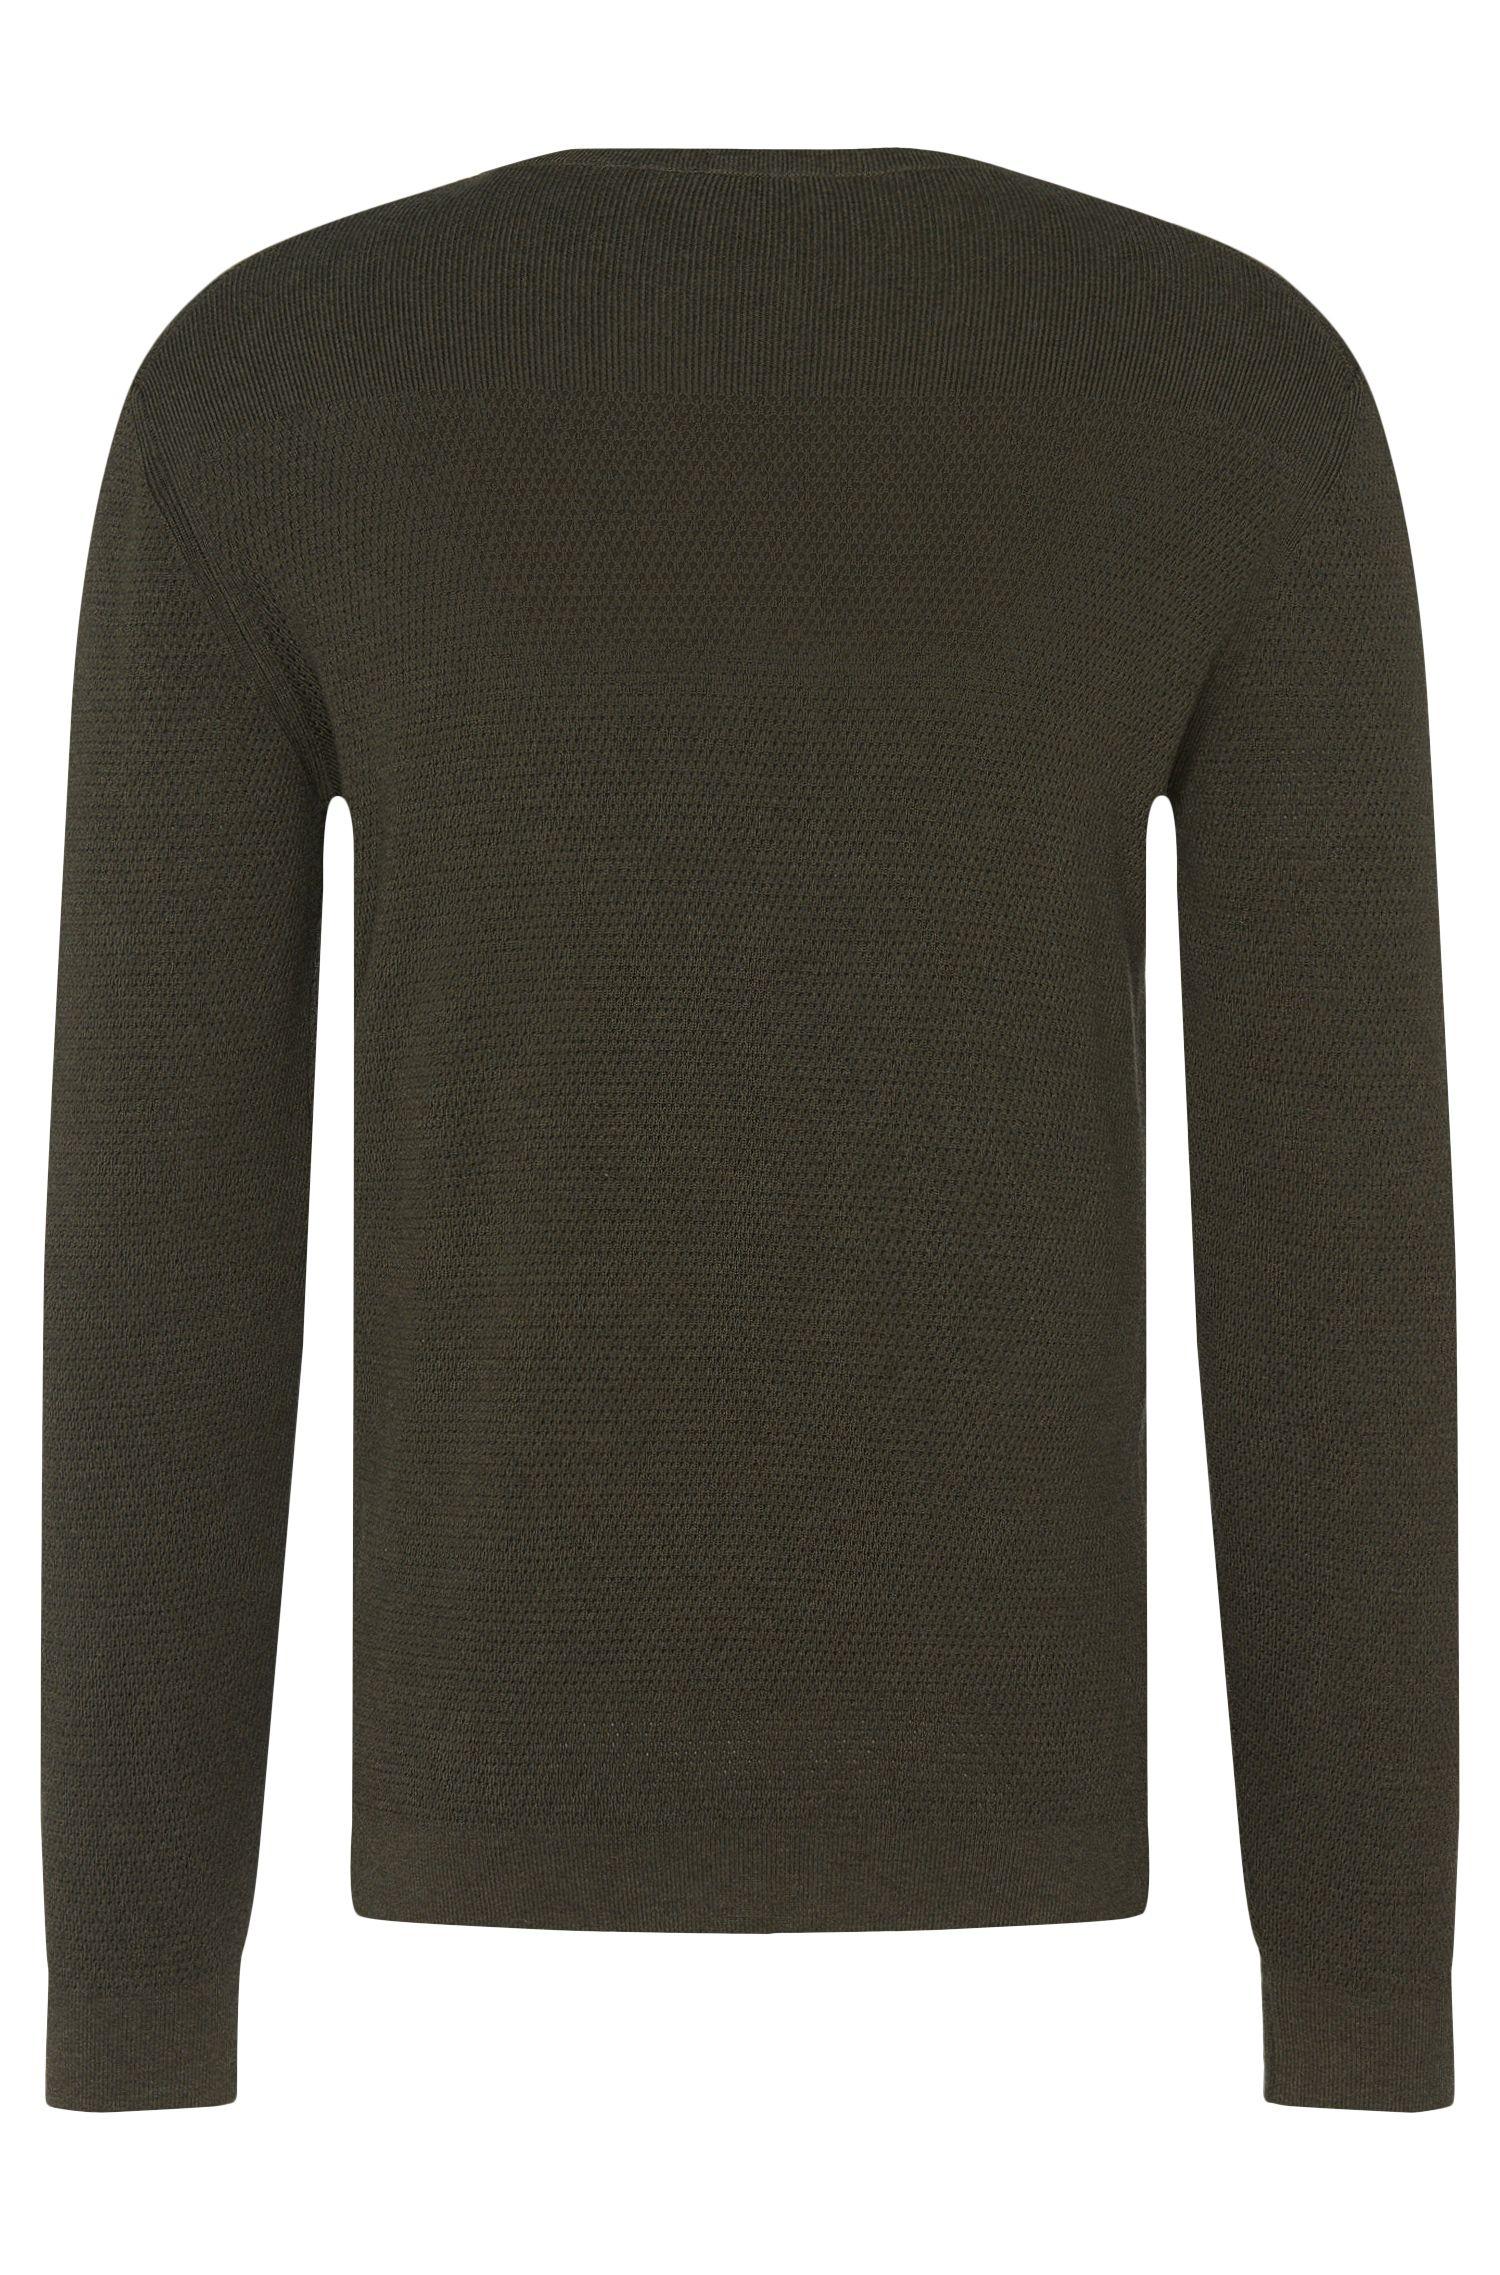 Strukturierter Slim-Fit Pullover aus reiner Baumwolle: 'Odam'